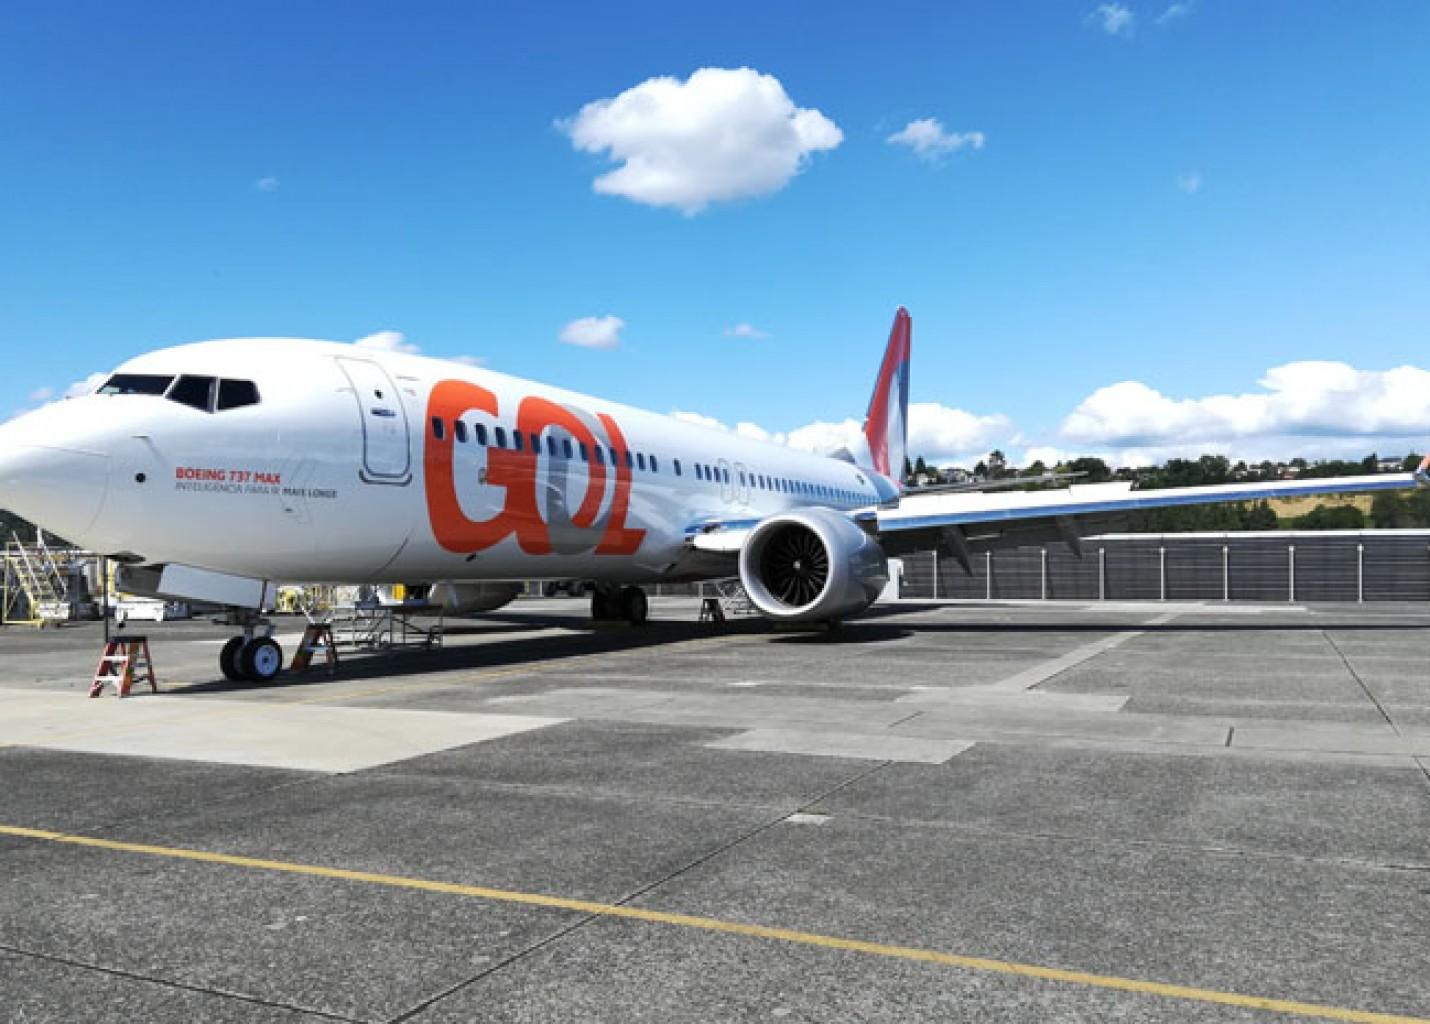 Gol terá voos entre Recife e Foz do Iguaçu na alta temporada